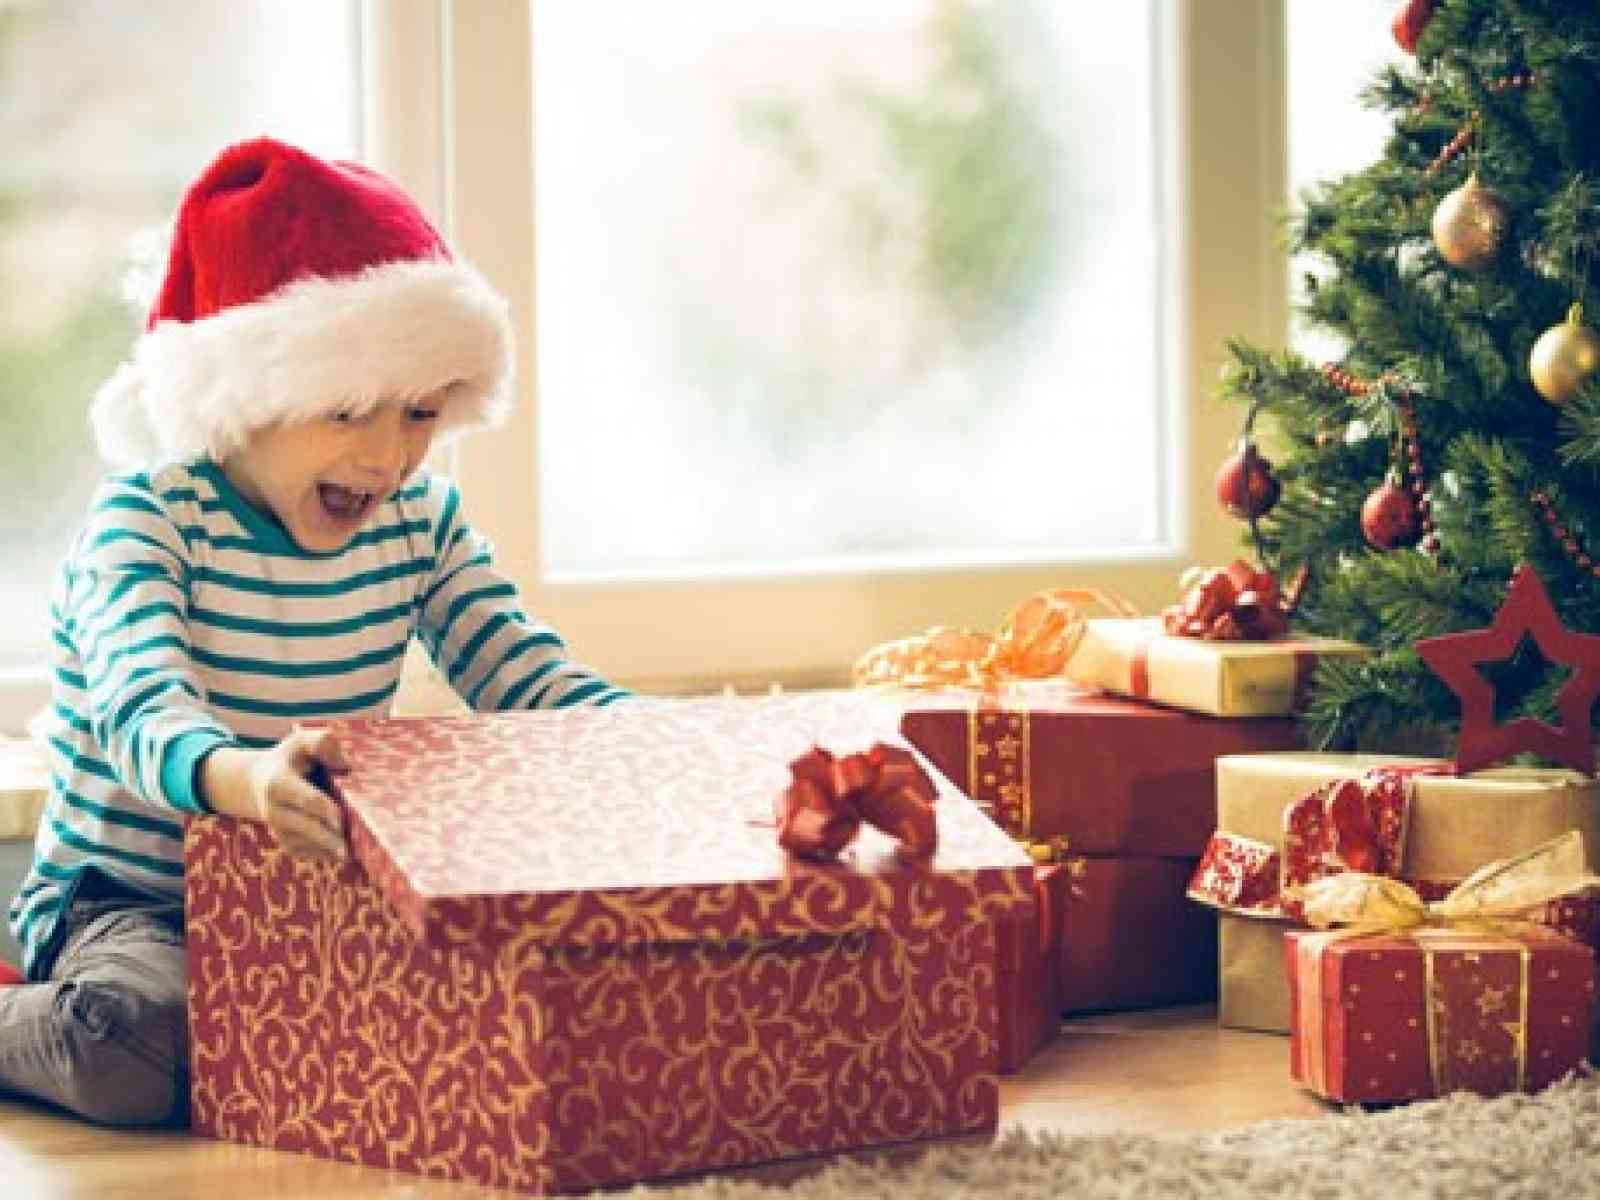 """Confartigianato: """"Bonus natalizio per tutte le famiglie con un figlio a carico"""". 150 o 100 euro per figlio"""